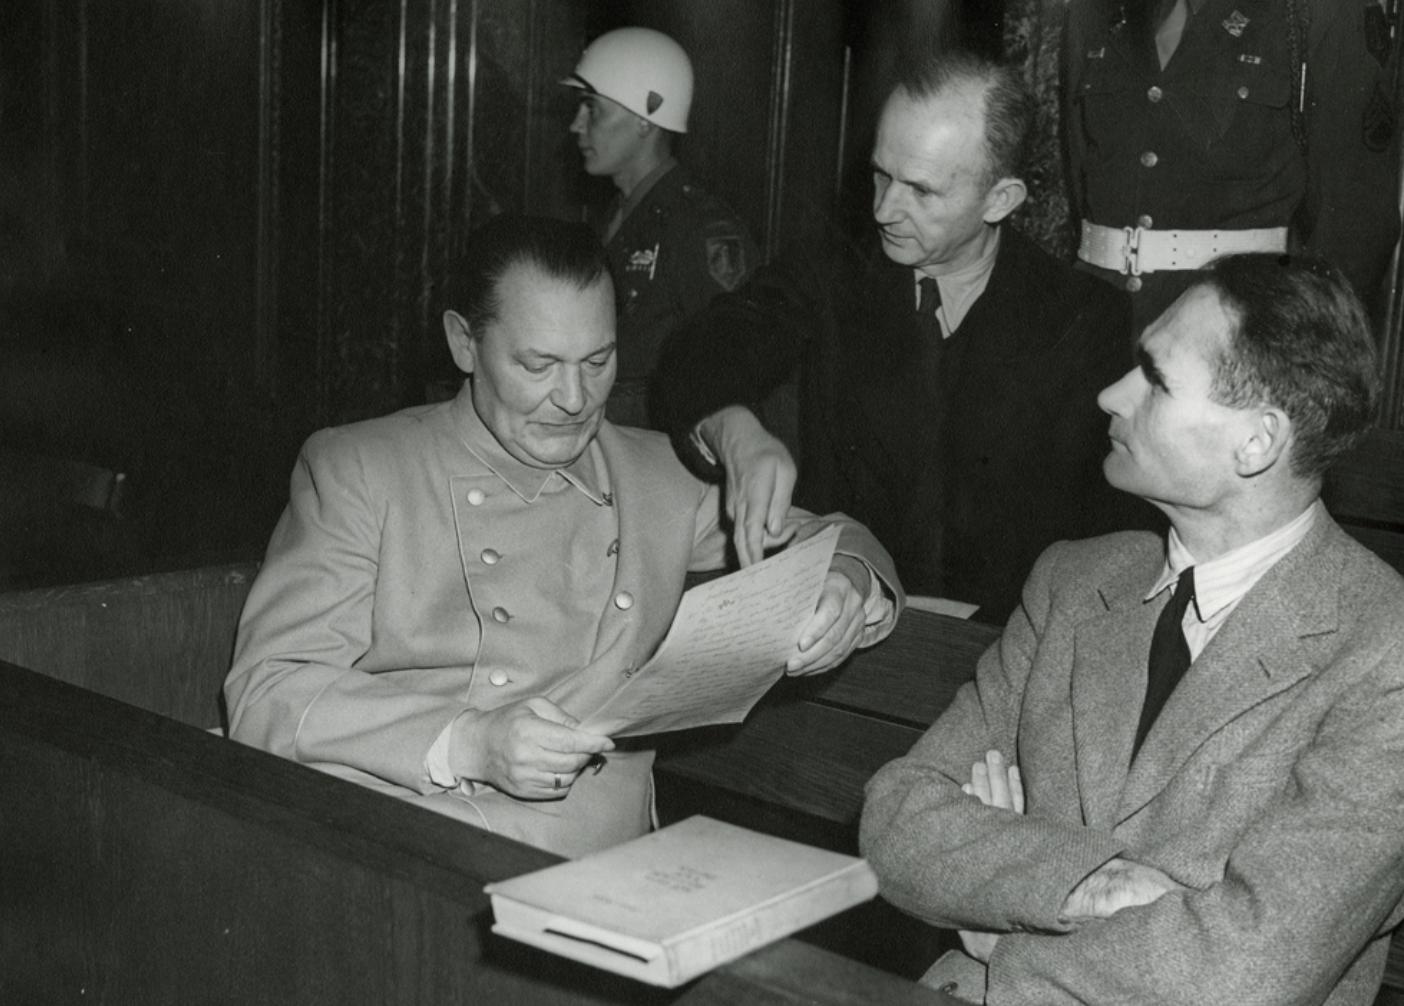 «Лондон до сих пор не раскрыл всех материалов»: как Рудольф Гесс улетел в Британию из Третьего рейха в 1941 году4